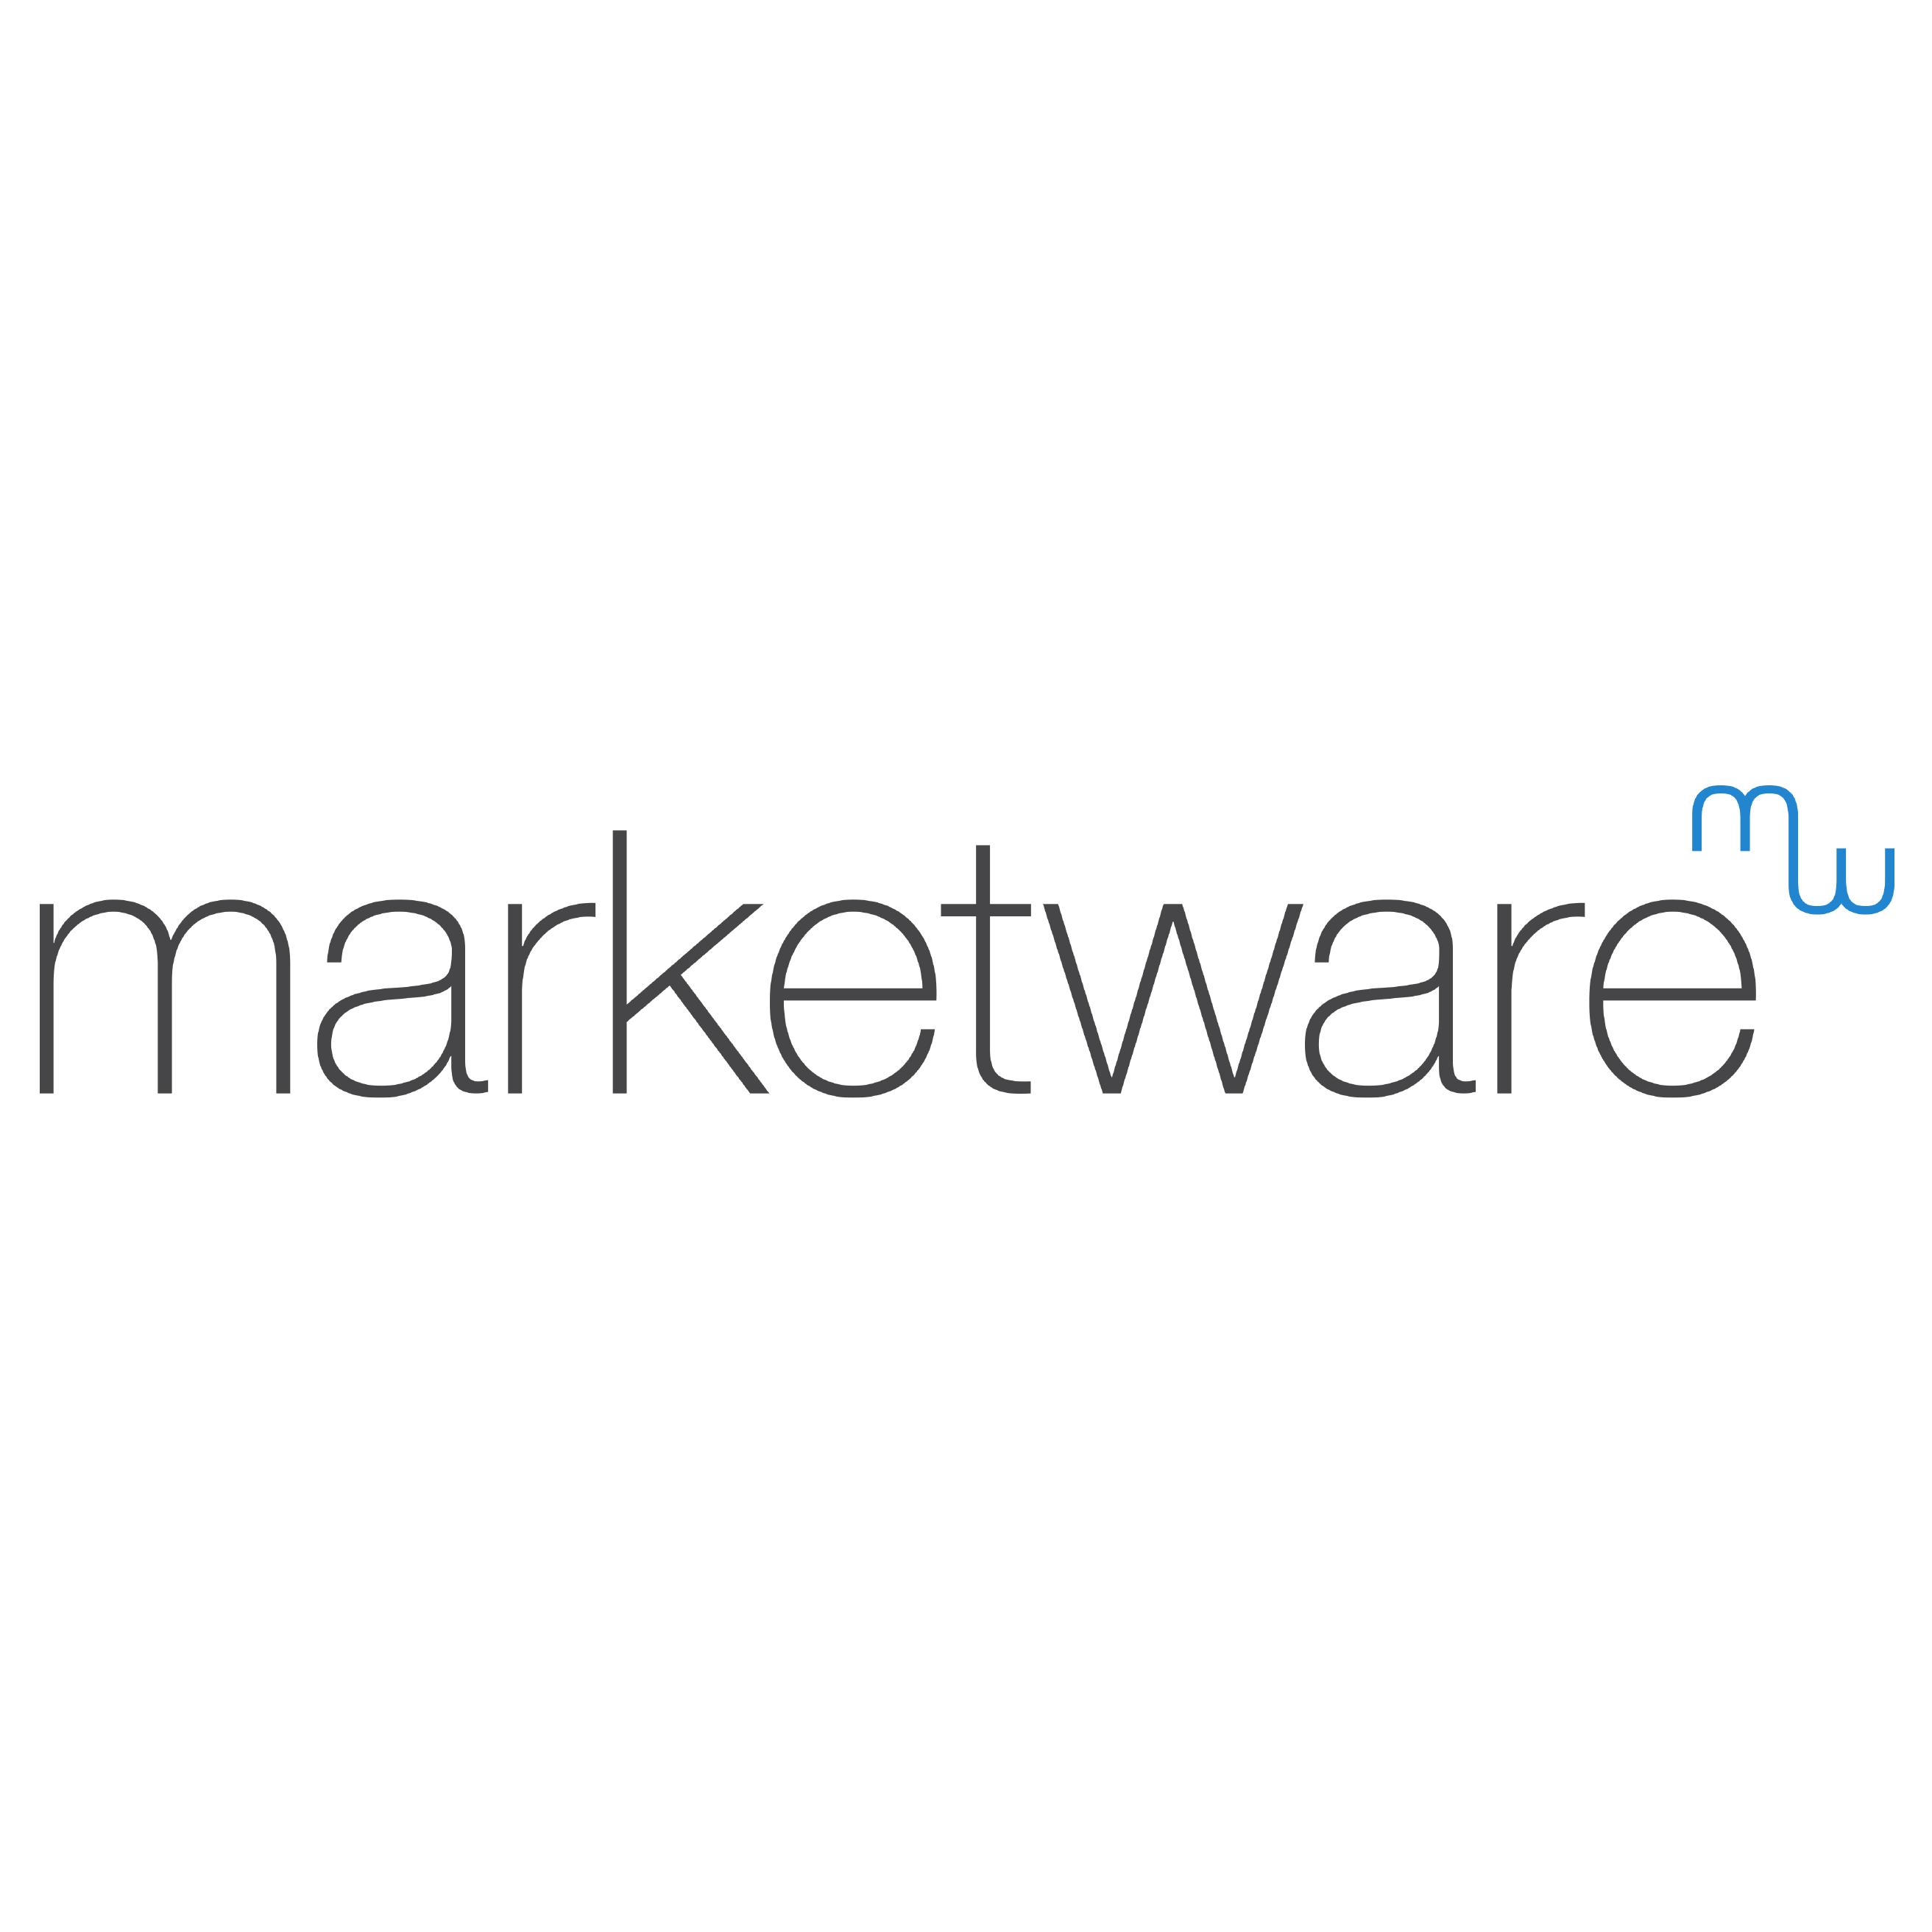 https://www.marketware.com/